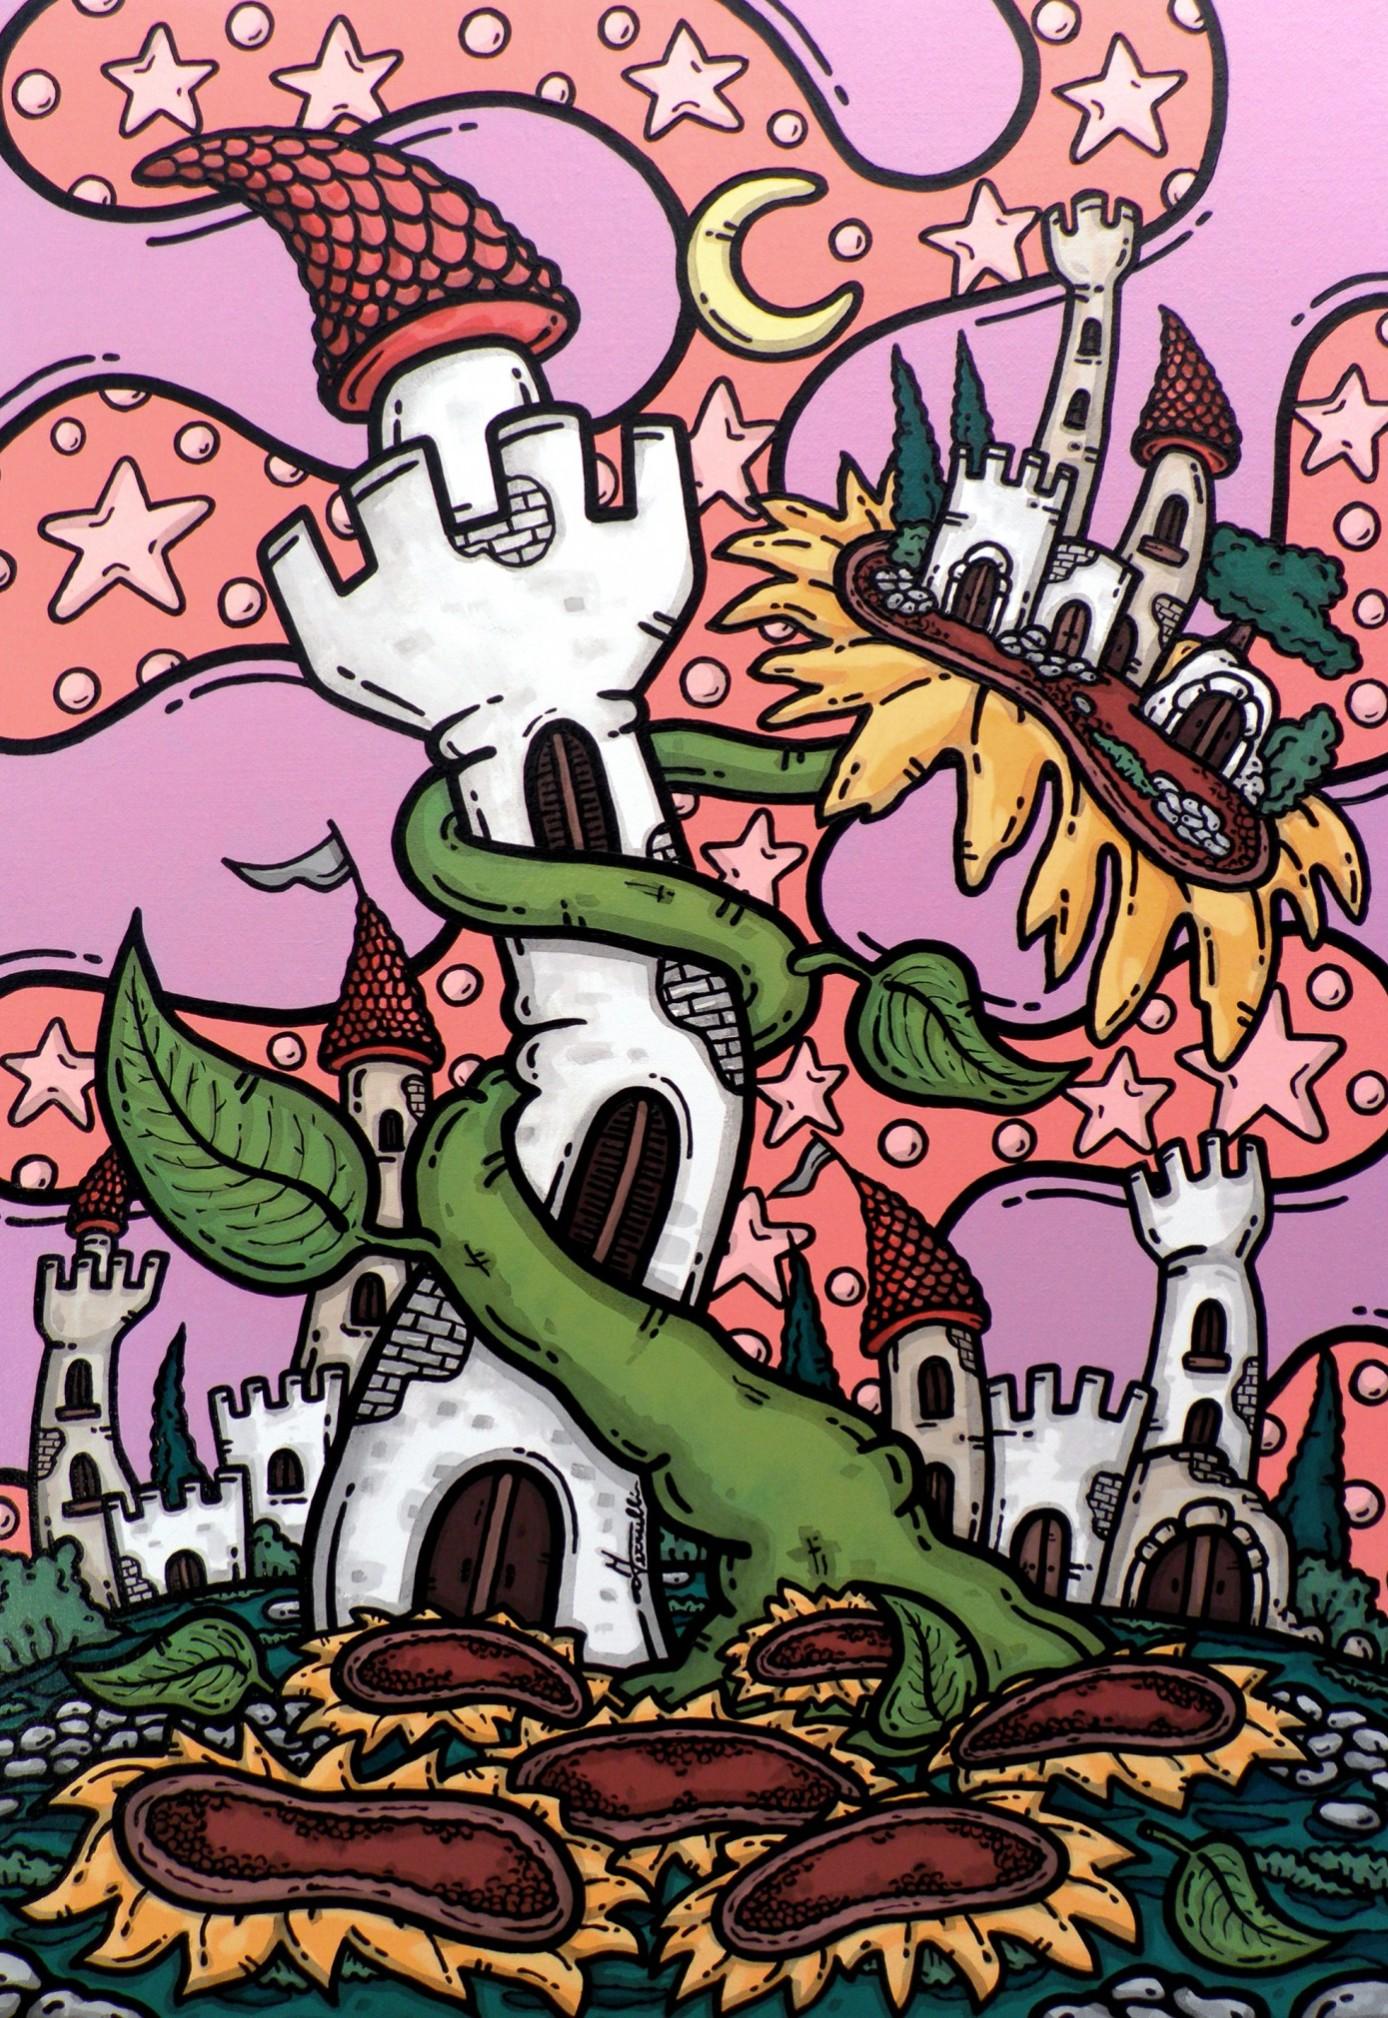 opera d'arte, contornismo metafisico, francesco ferrulli, pittore pugliese, artista italiano, arte contemporanea, dipinto, olio su tela, paesaggi pugliesi, puglia, quadro colorato, oil on canvas, art, painter, paesaggio pugliese, trulli, campagna pugliese, terra mia, girasole, castello, fiaba, luna, stelle,